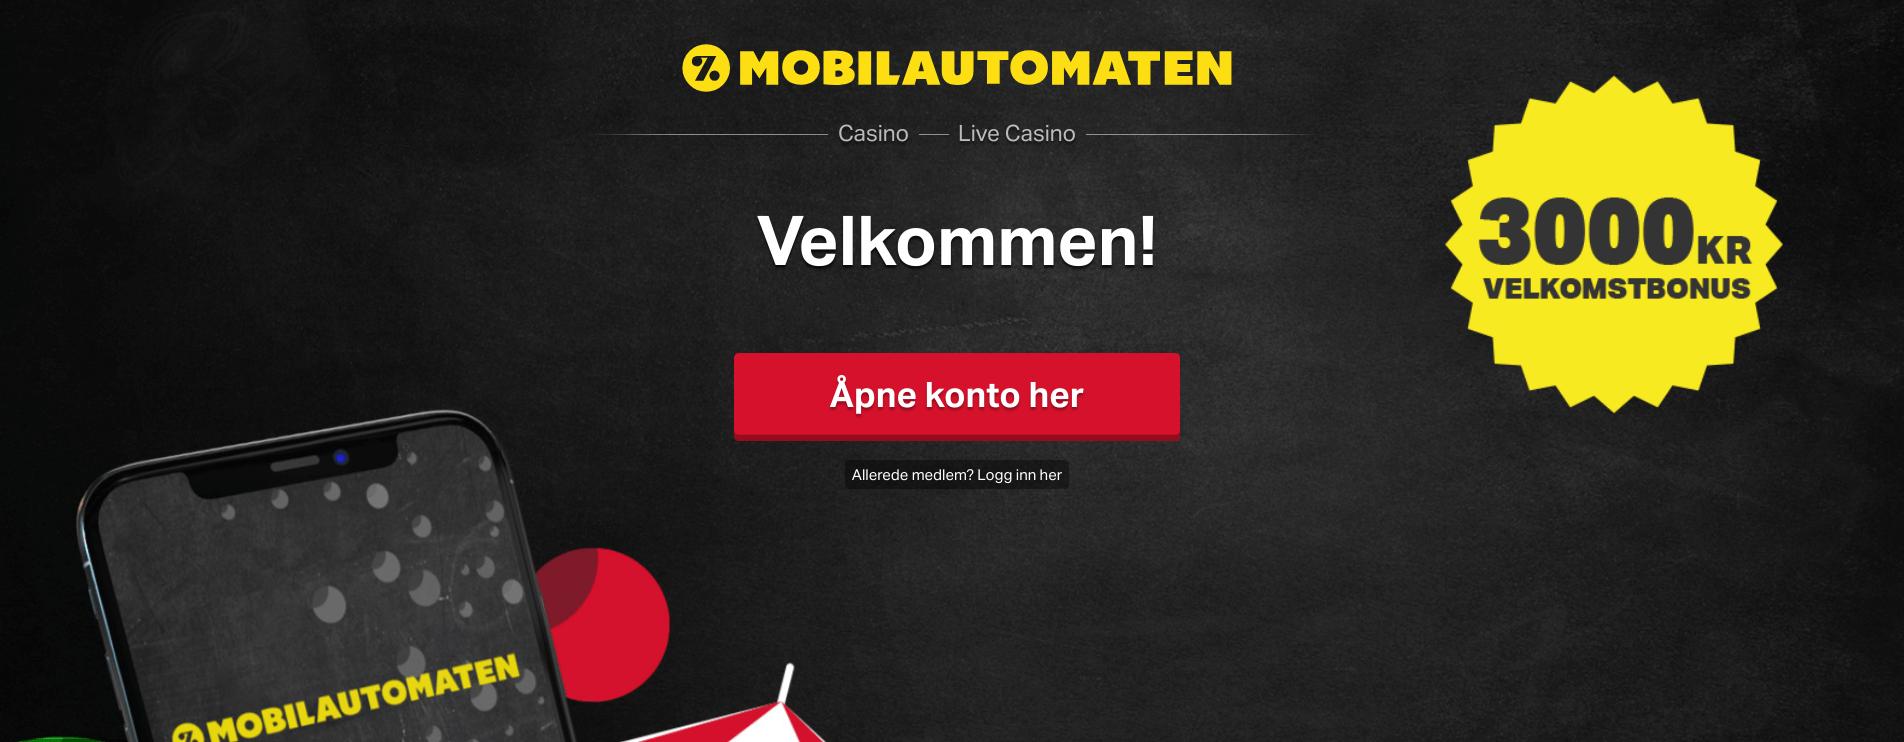 casino med siru mobilautomaten gratis bonus for casino på nett